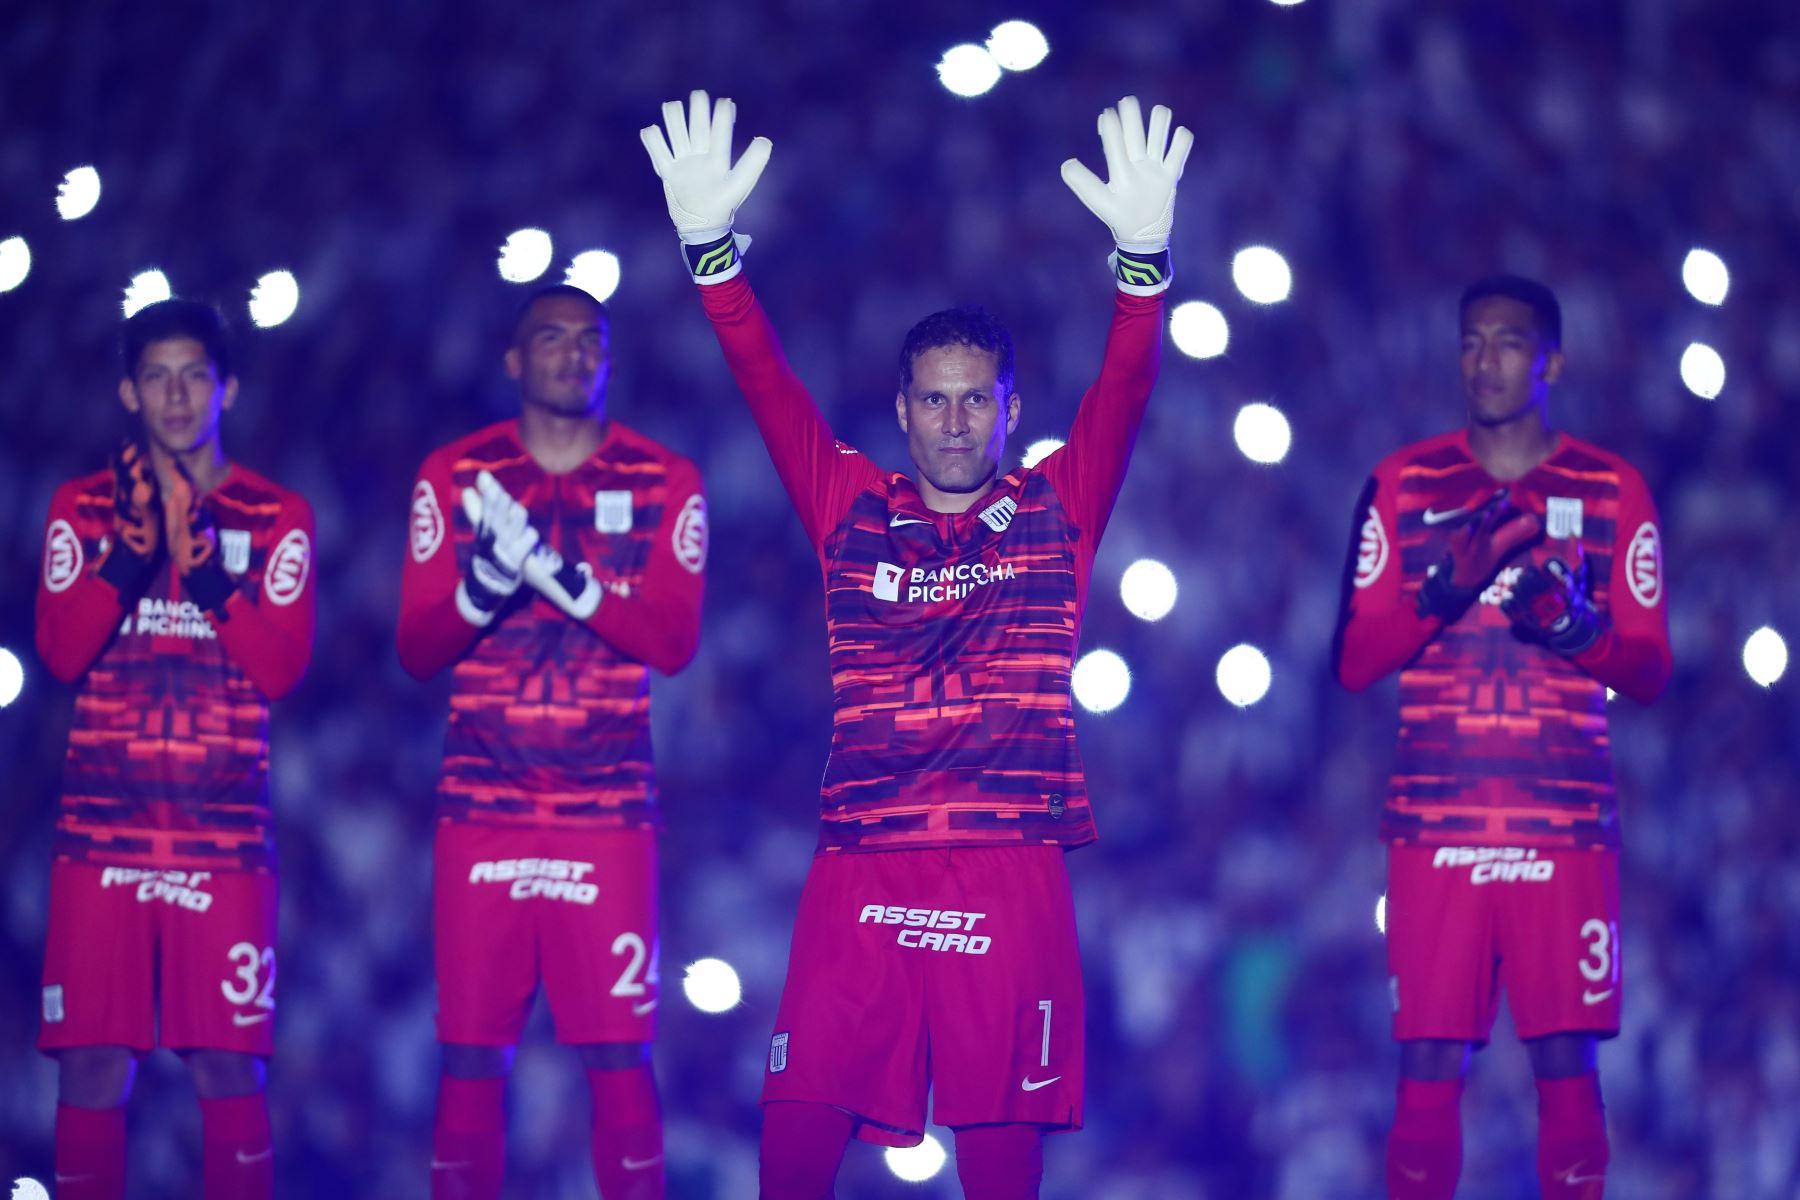 """Leao Butrón de Alianza Lima  se presenta en la llamada """" Noche Blanquiazul """" en el estadio Alejandro Villanueva. Foto: ANDINA/Juan Carlos Guzmán"""